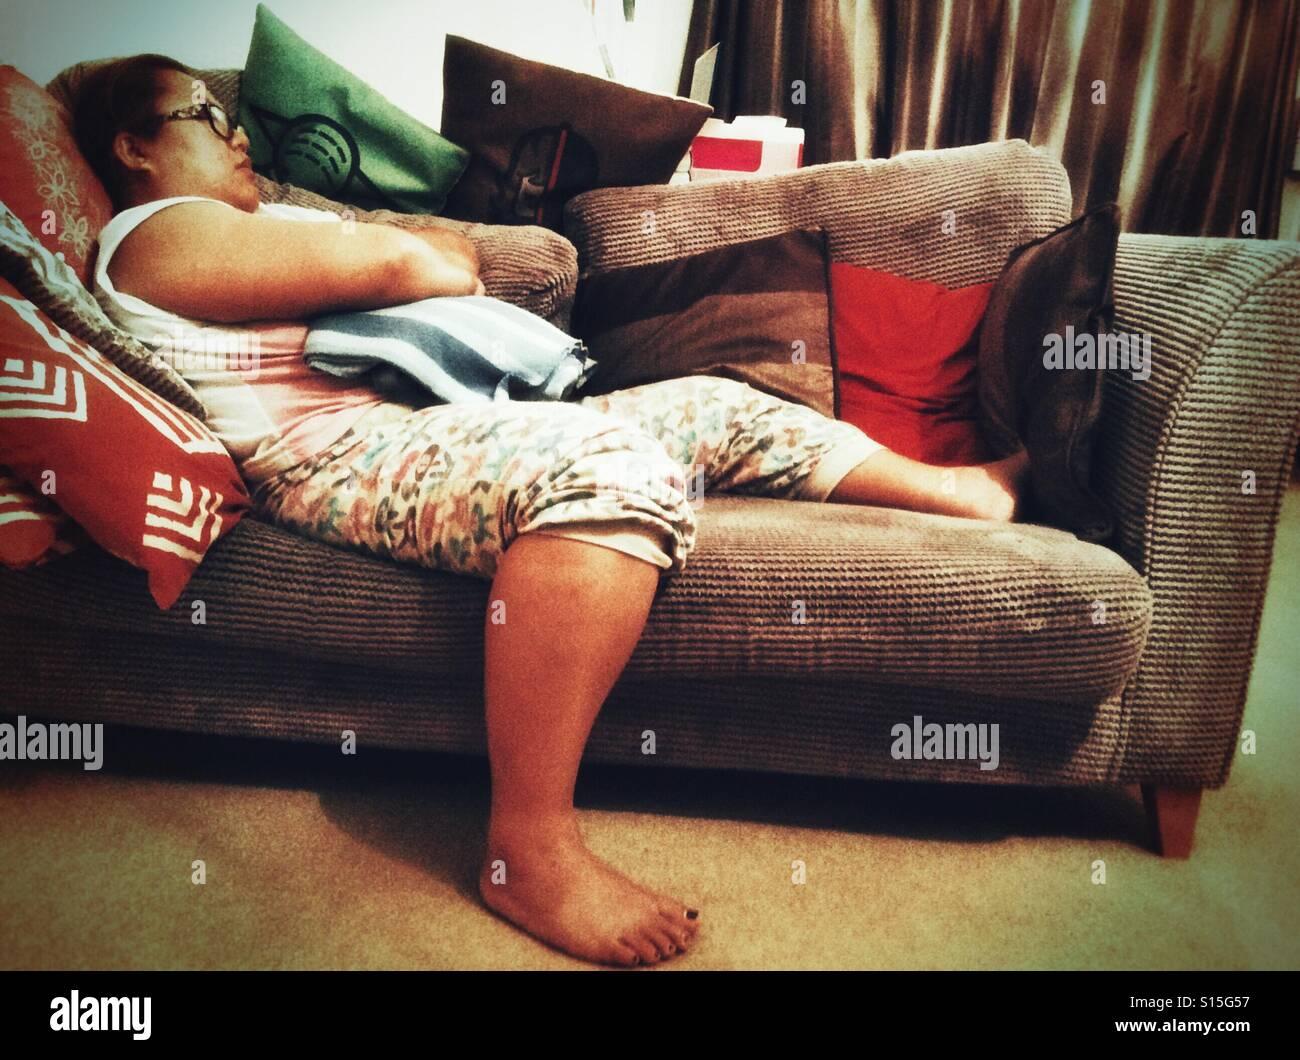 Femme endormie sur un canapé. Photo Stock